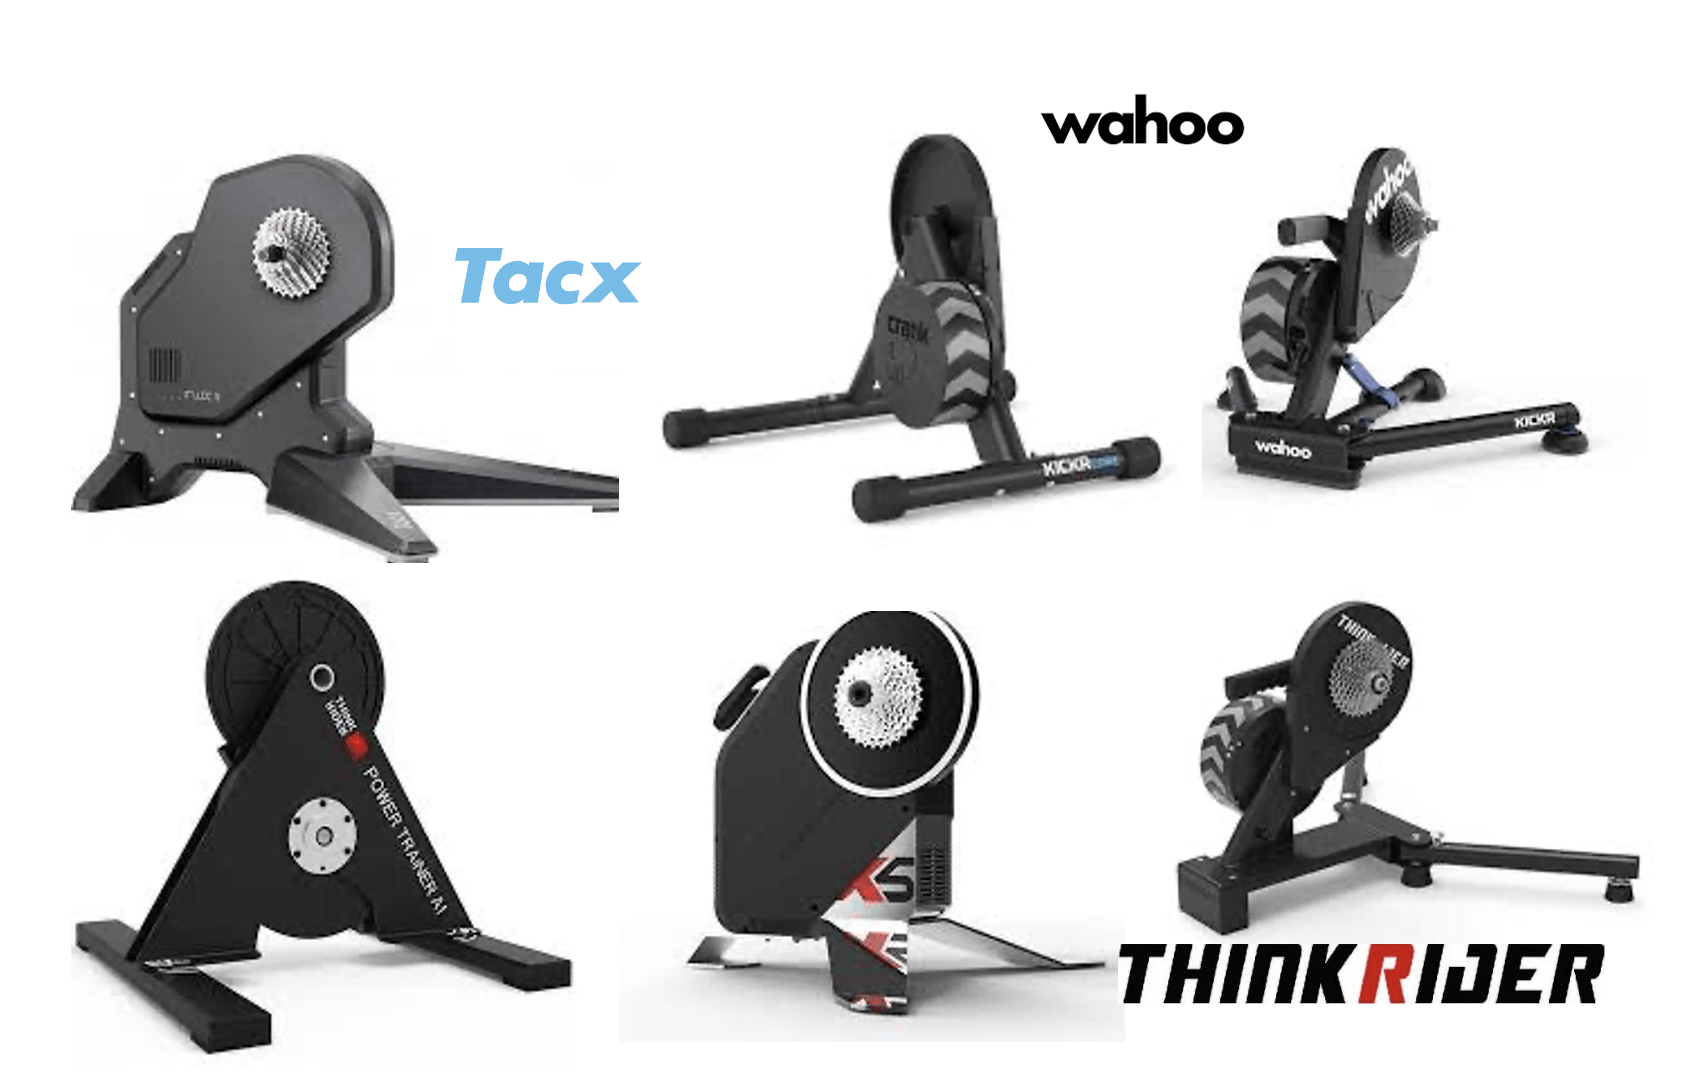 fietstrainer van Tacx of Wahoo?